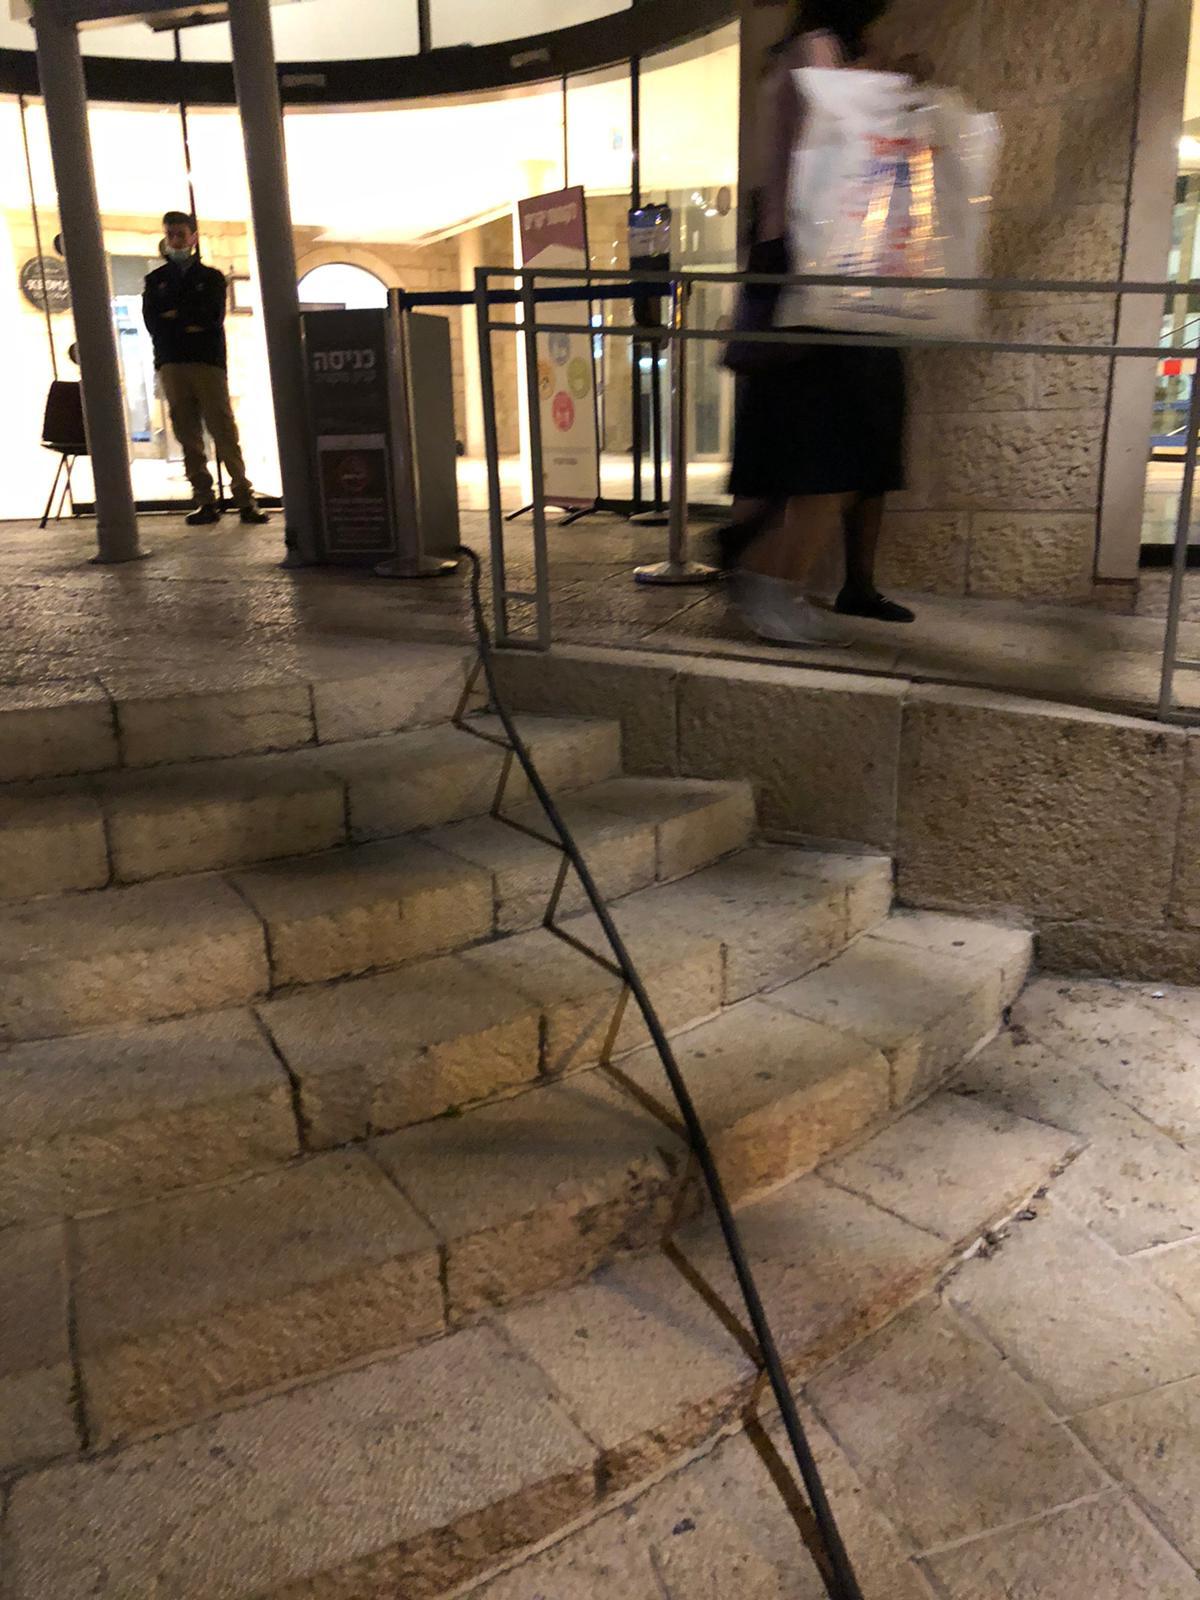 פתיחת סתימה ושאיבת בור מפריד שומנים במסעדת קדמא ממילא בירושלים.